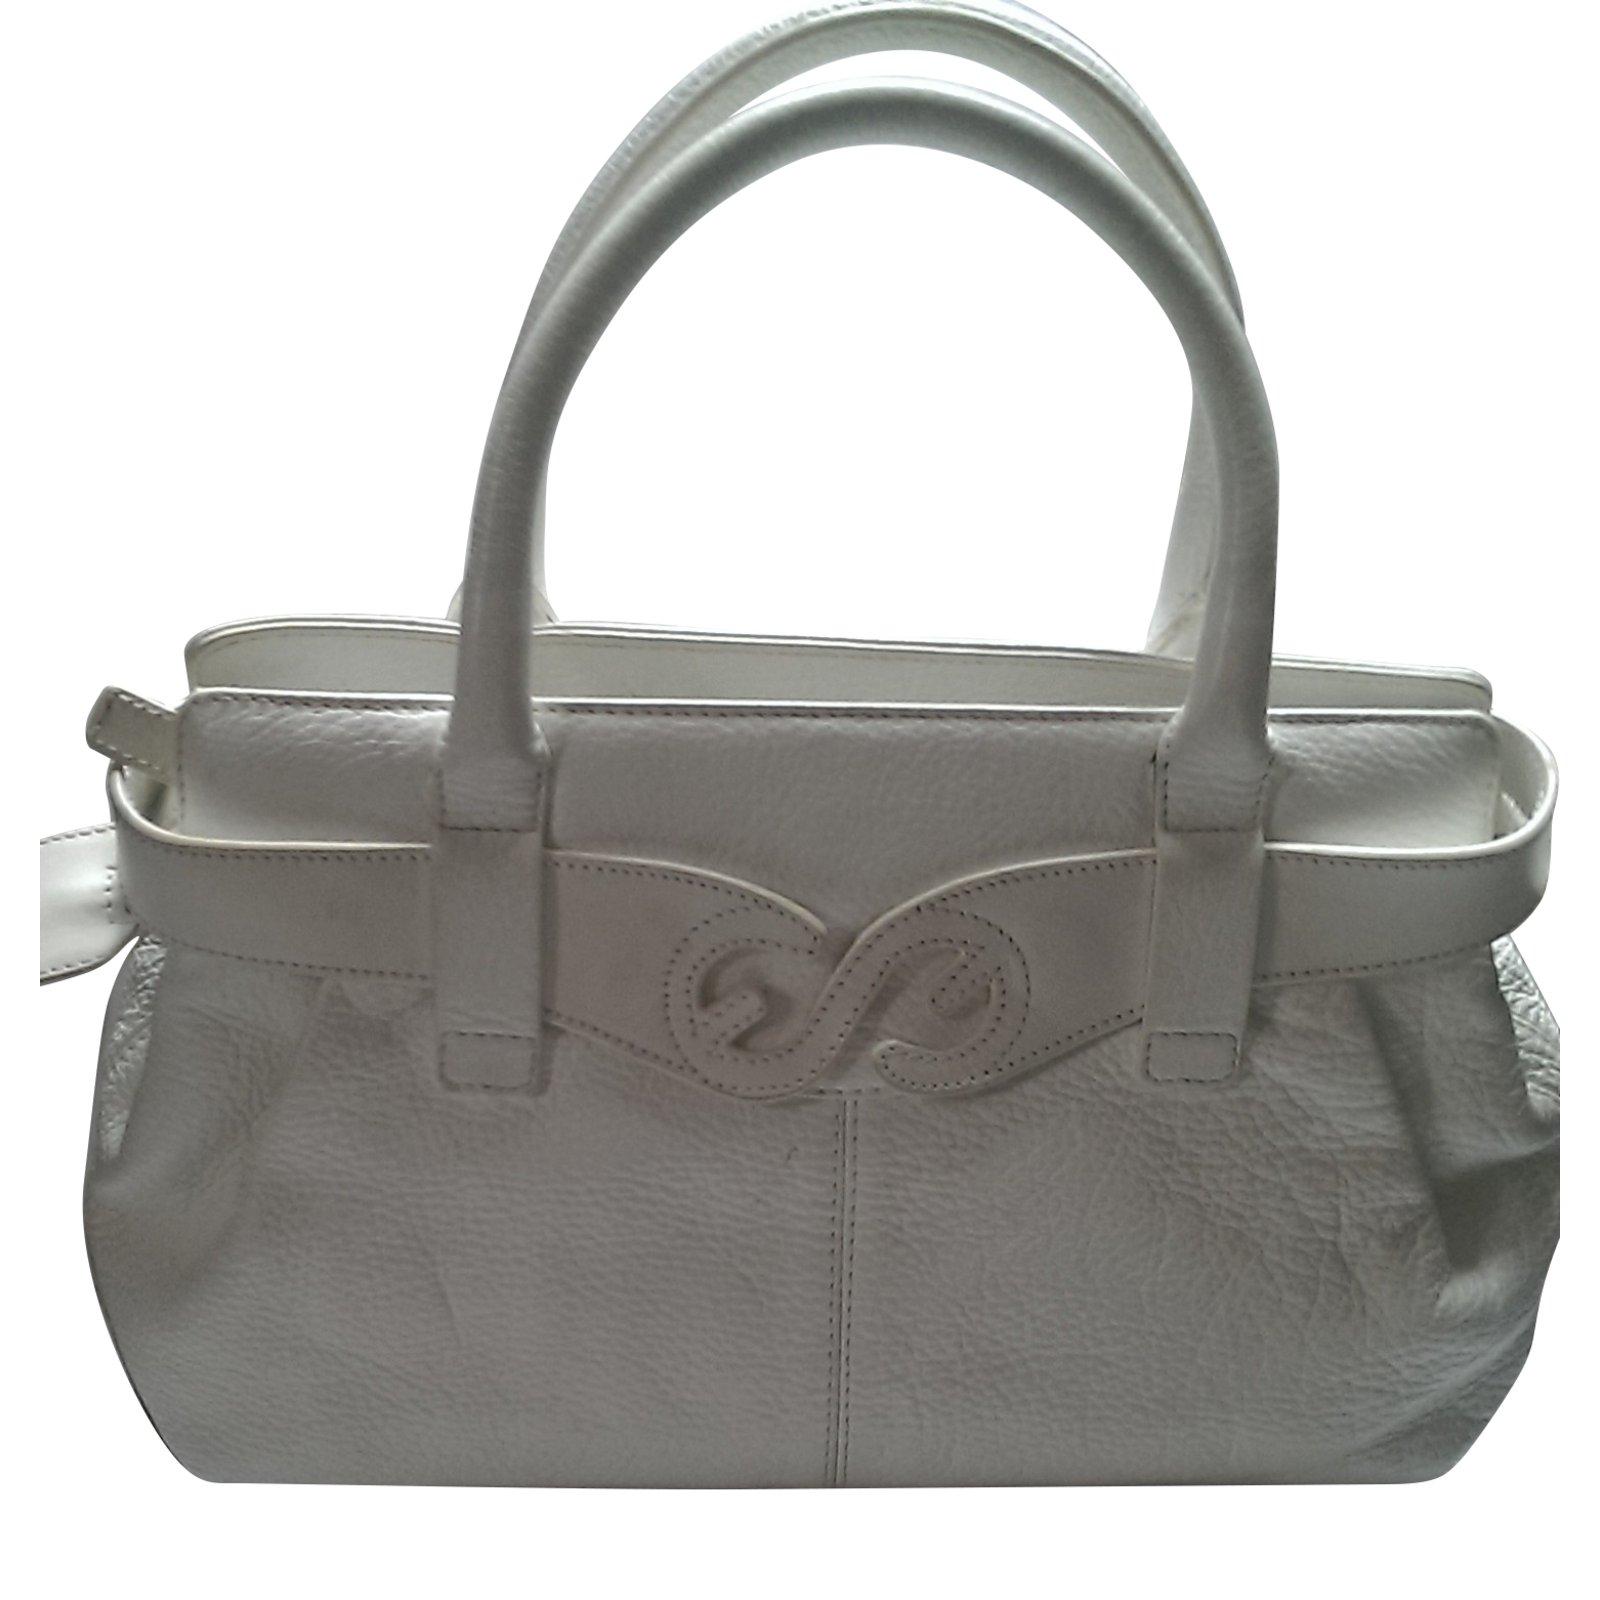 Escada handbags leather white ref joli closet jpg 1600x1600 Escada bag 6b08e7171903e